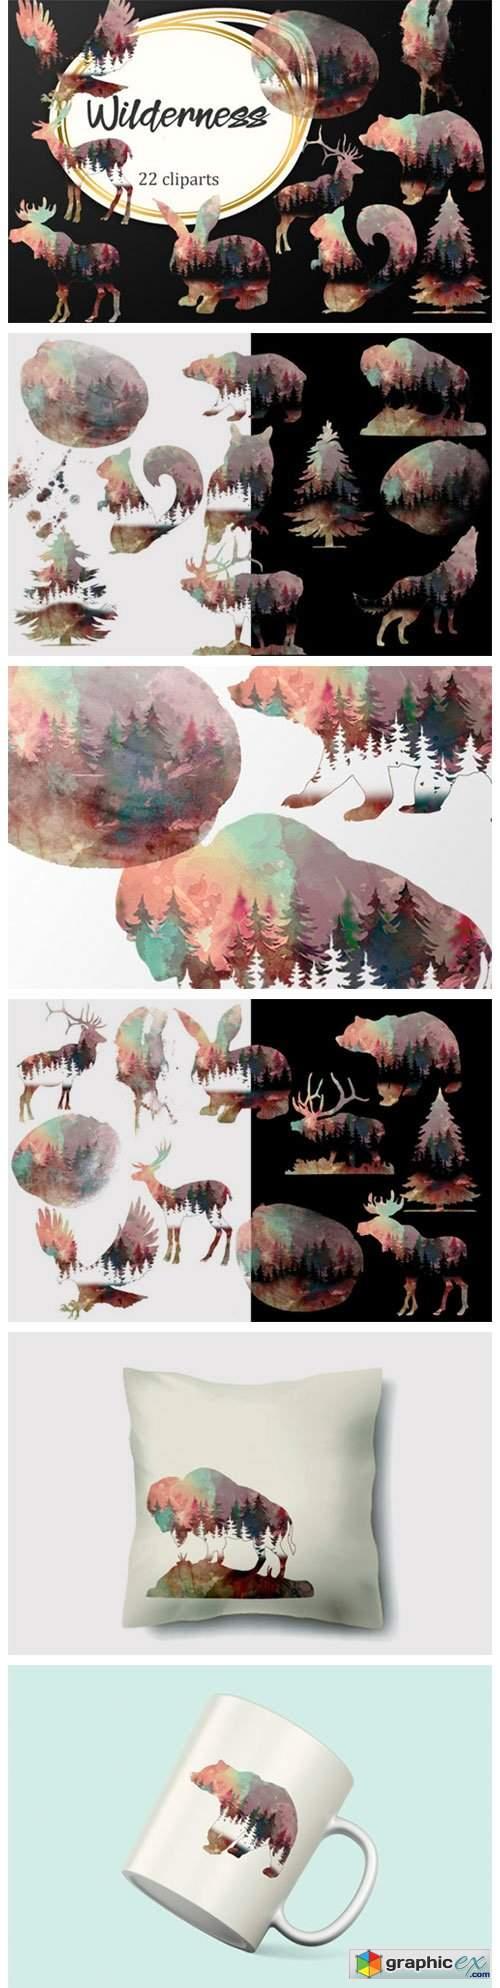 Wilderness 5804900